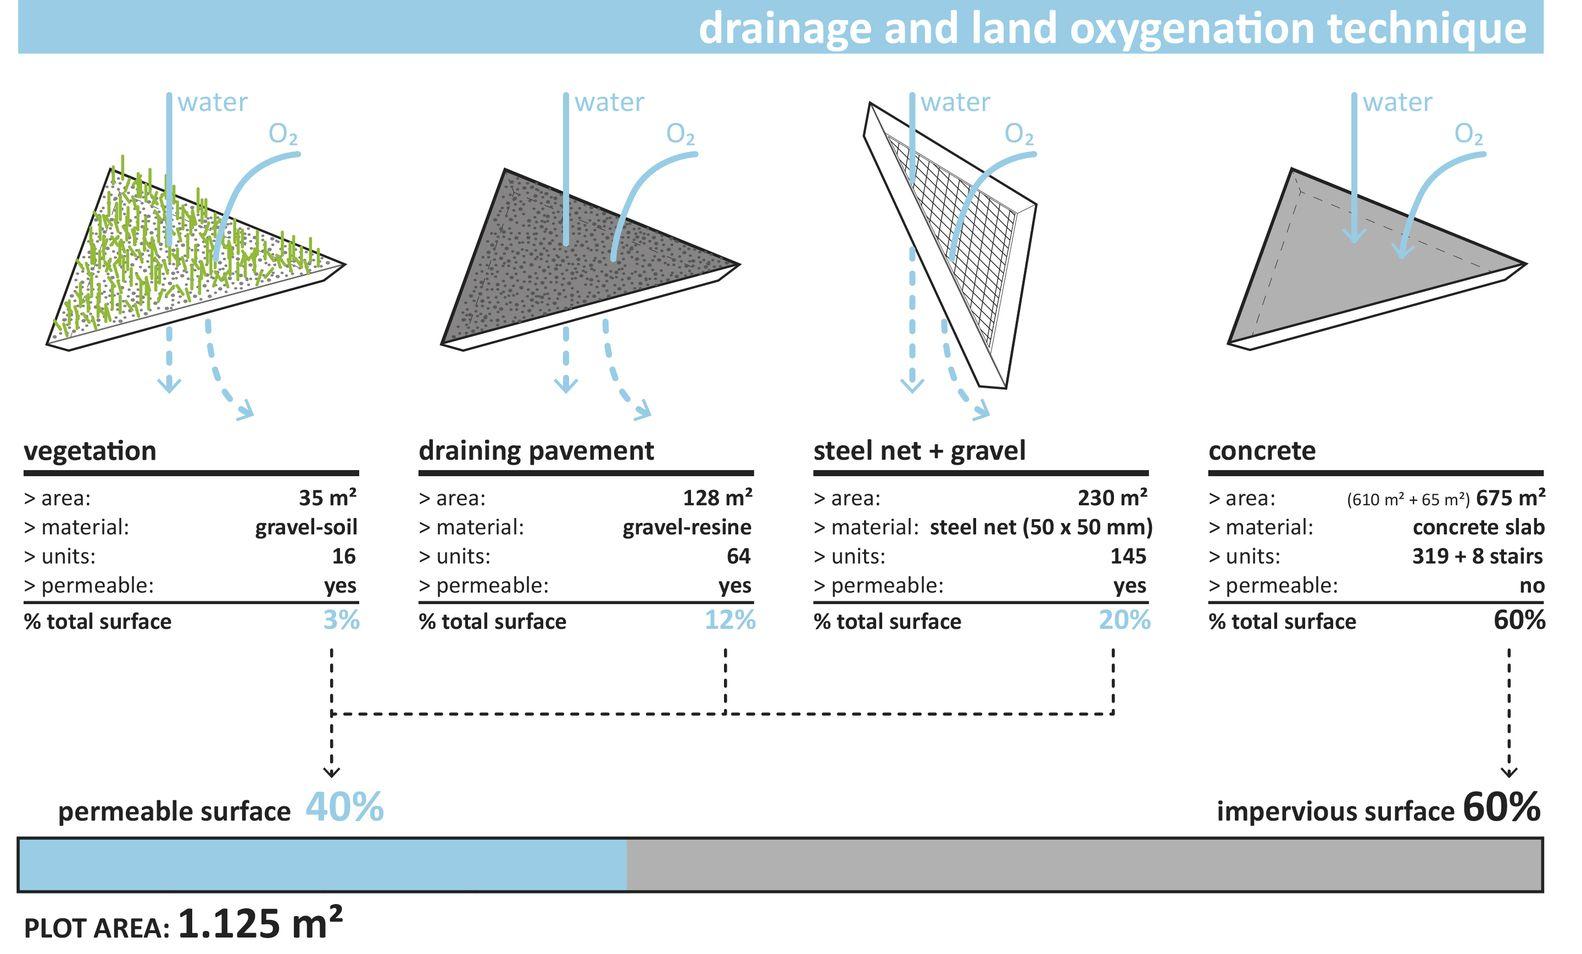 Galeria De Construccion Triangular Genera Una Escalera Y Rampa Que Responde A Especificaciones De Accesibilidad Universal 26 Pathways Drafting Drawing Public Space